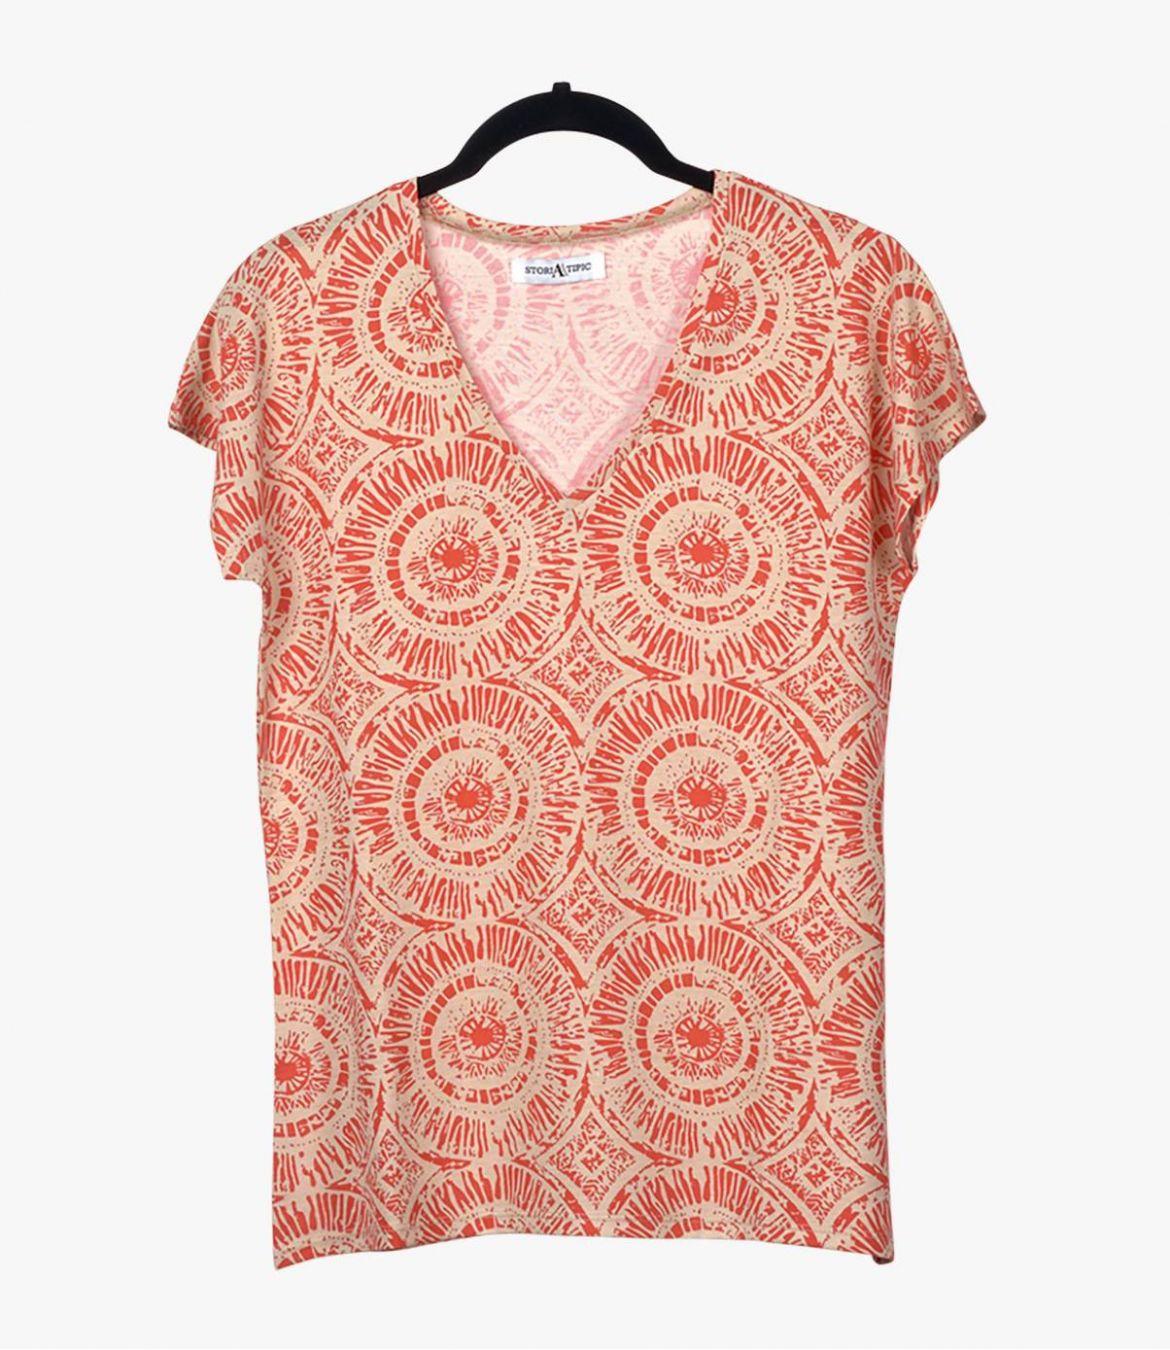 EVI SUN T-shirt en Coton, Modal pour Femme Storiatipic - 2